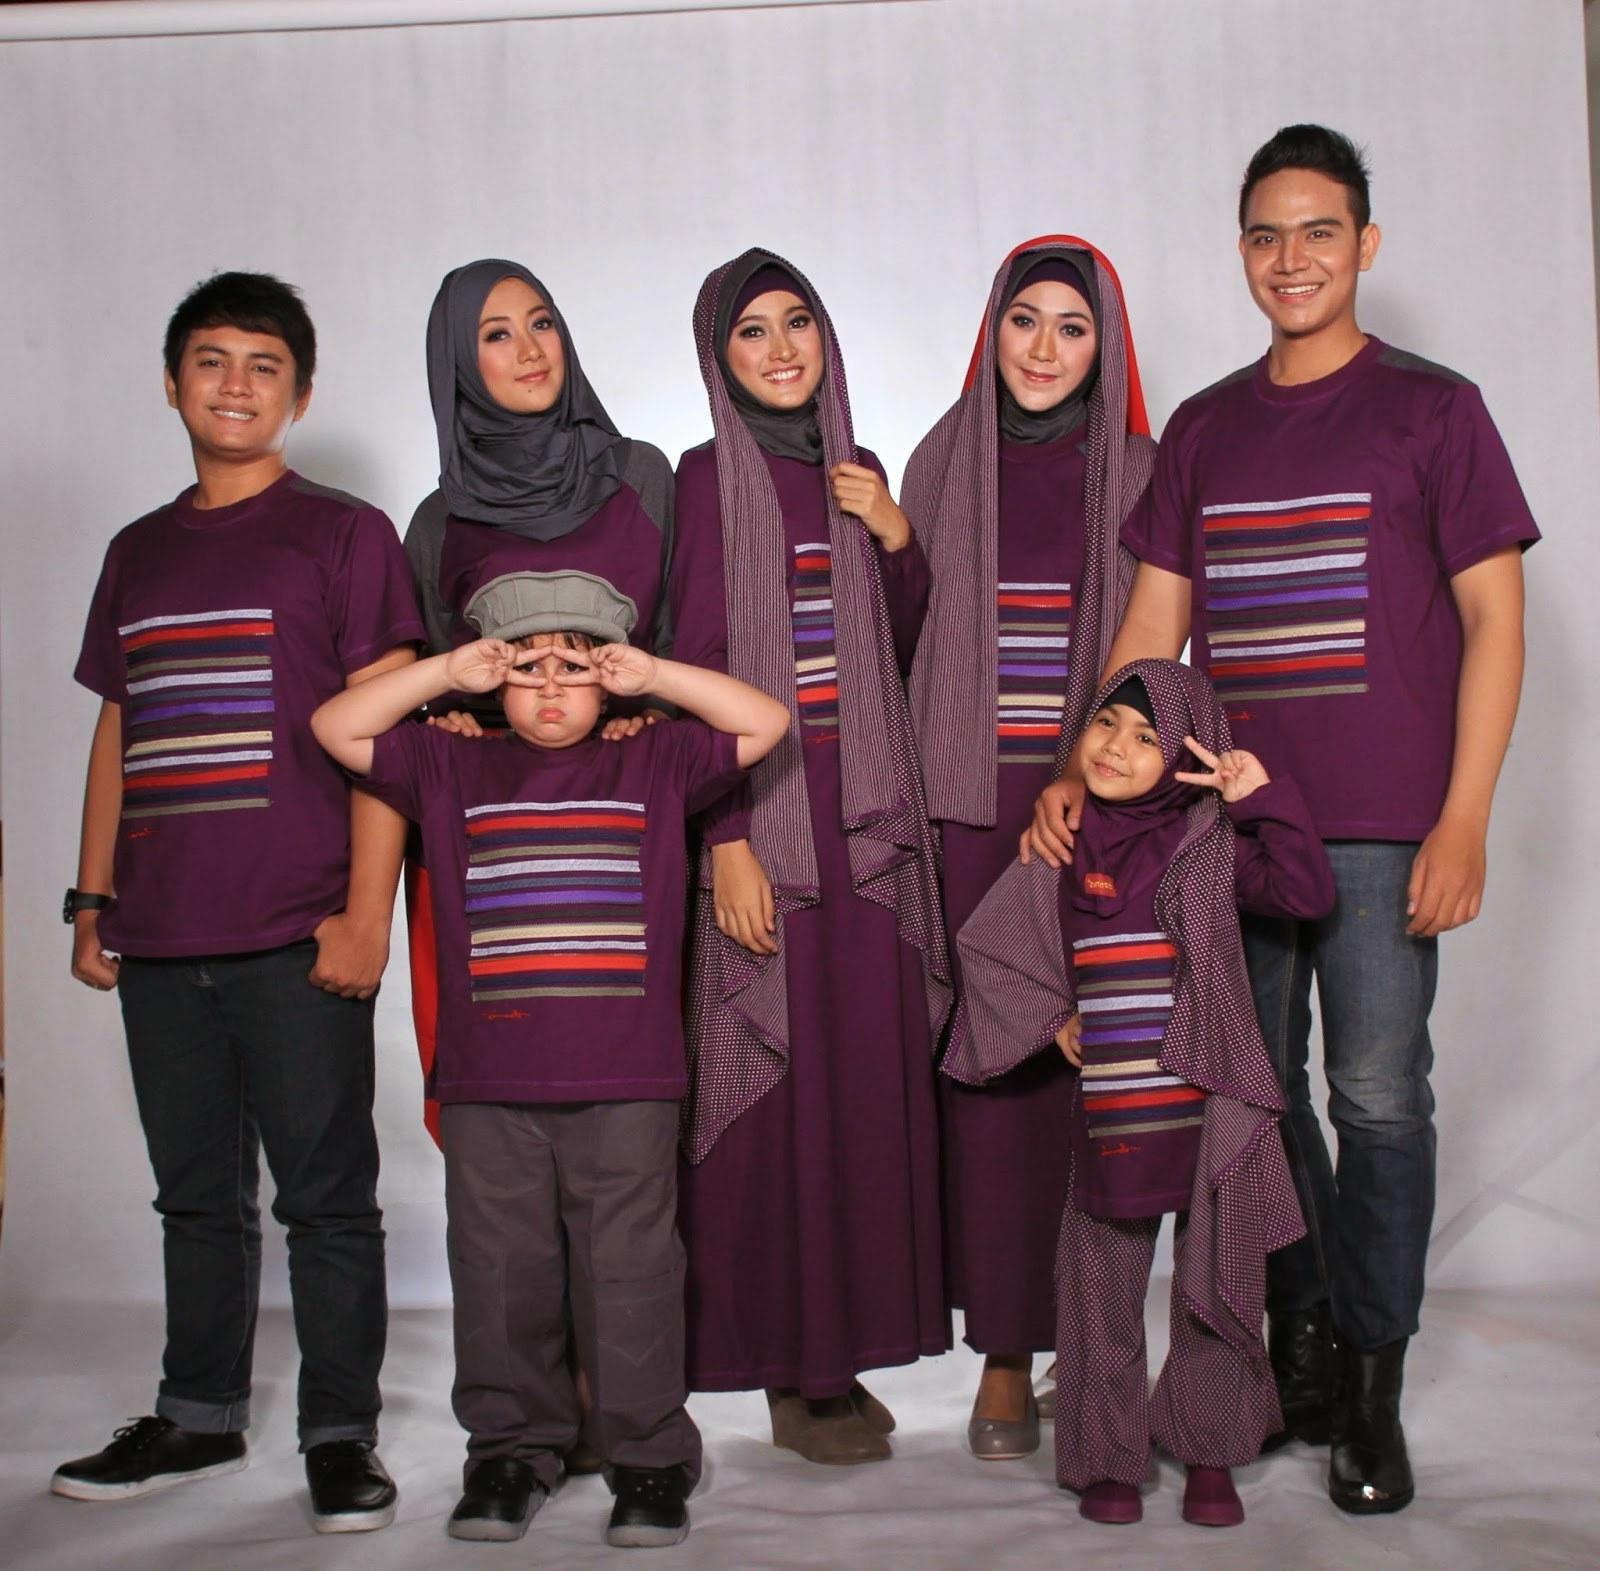 Inspirasi Baju Lebaran Yang Bagus Jxdu Model Baju Keluarga Untuk Hari Raya Lebaran 2018